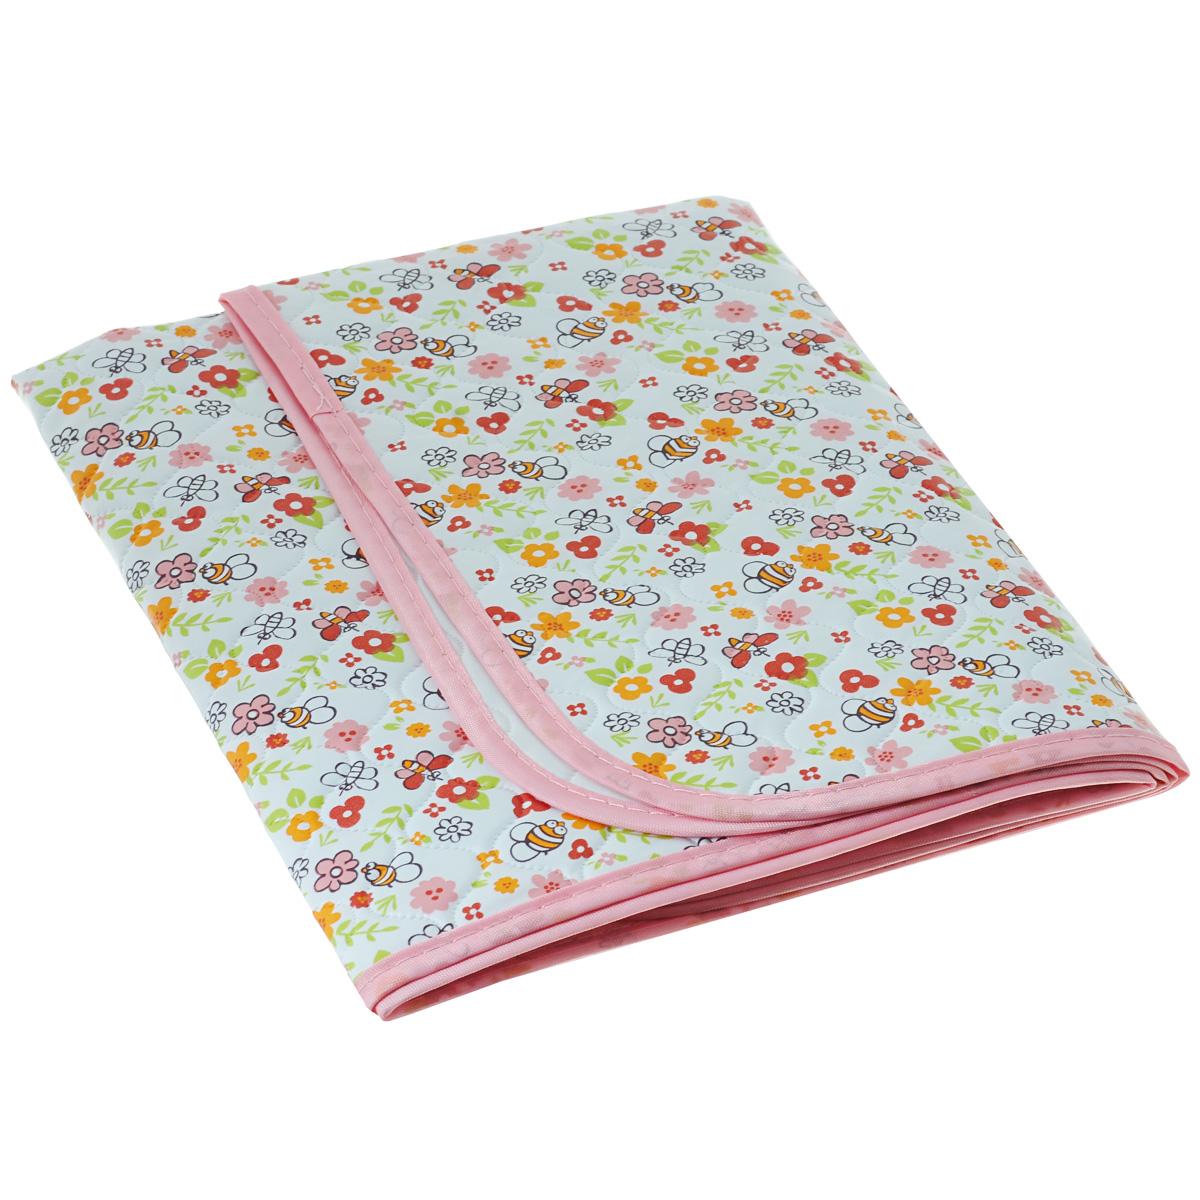 Клеенка трехслойная Мир детства, цвет: розовый детская клеенка мир детства трехслойная